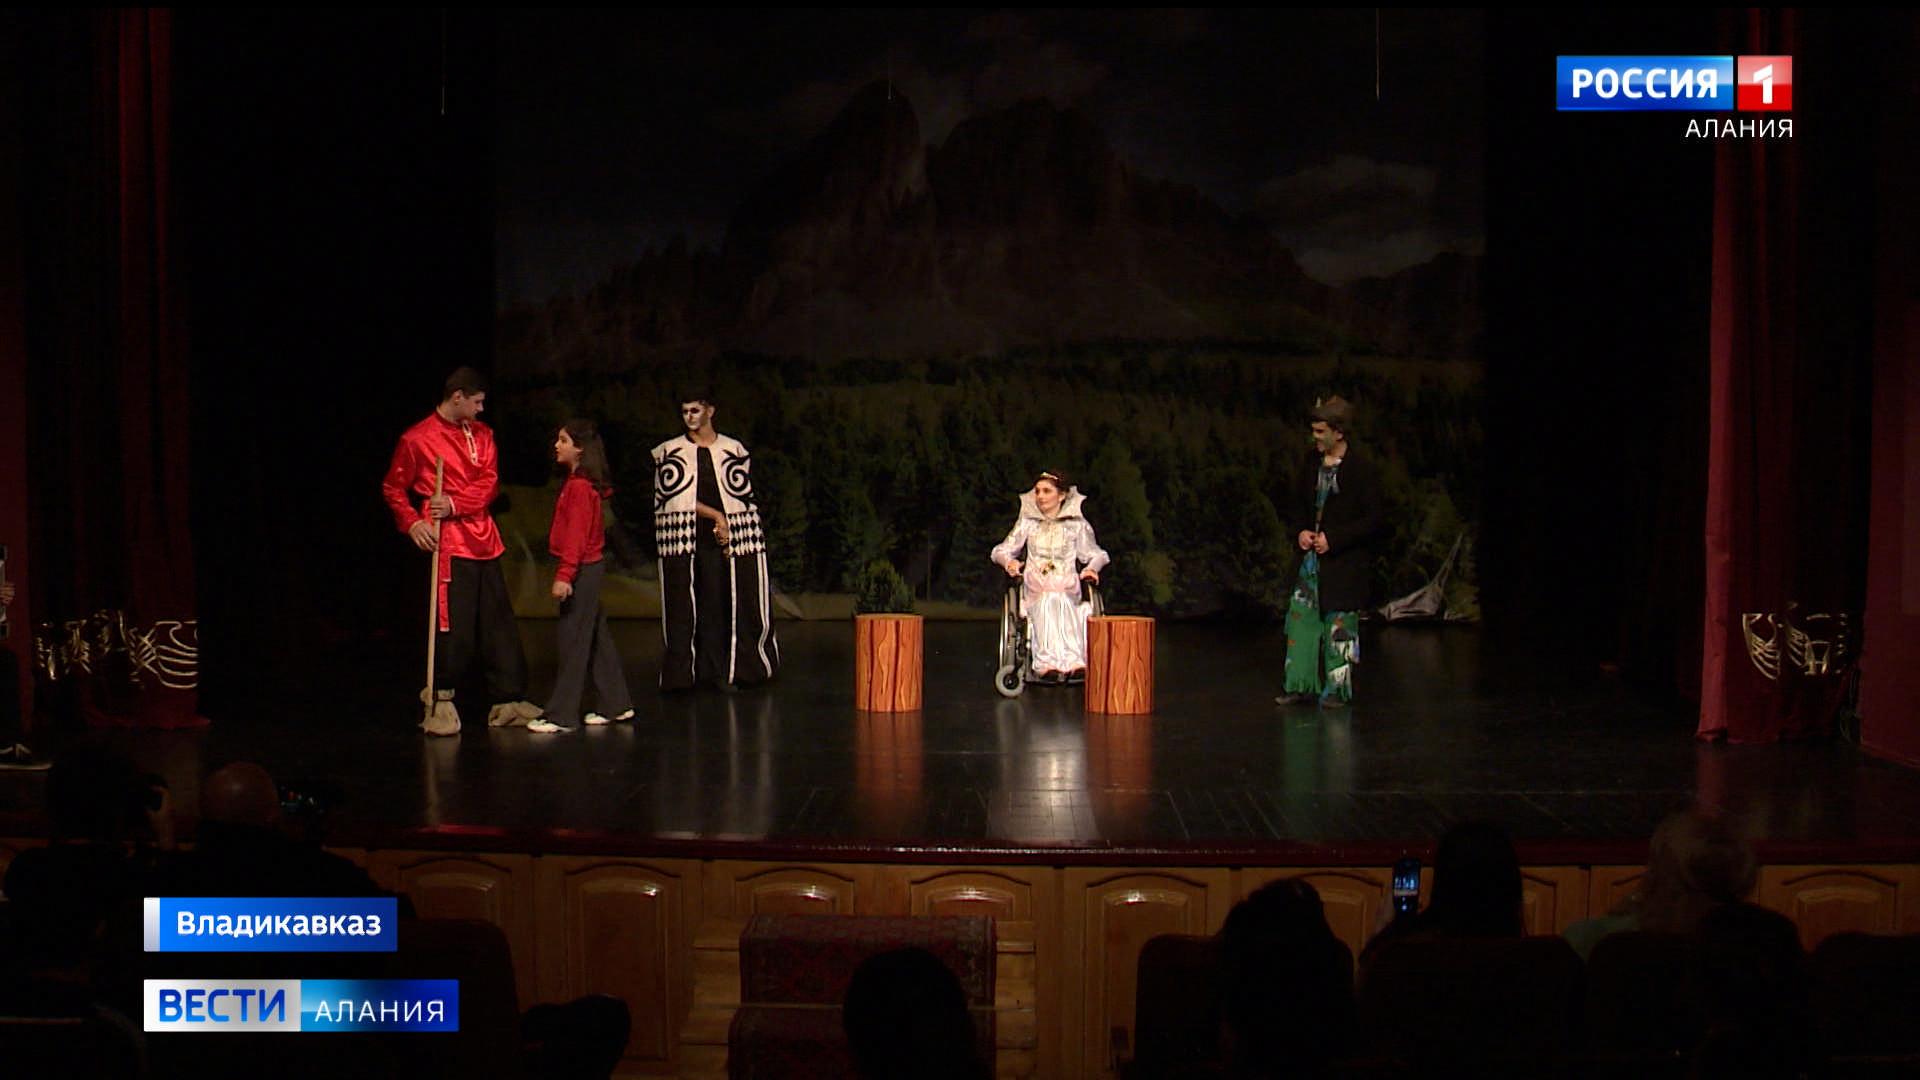 Подопечные реабилитационного центра «Алания» представили сказку «Волшебная свирель Ацамаза» на сцене Русского театра